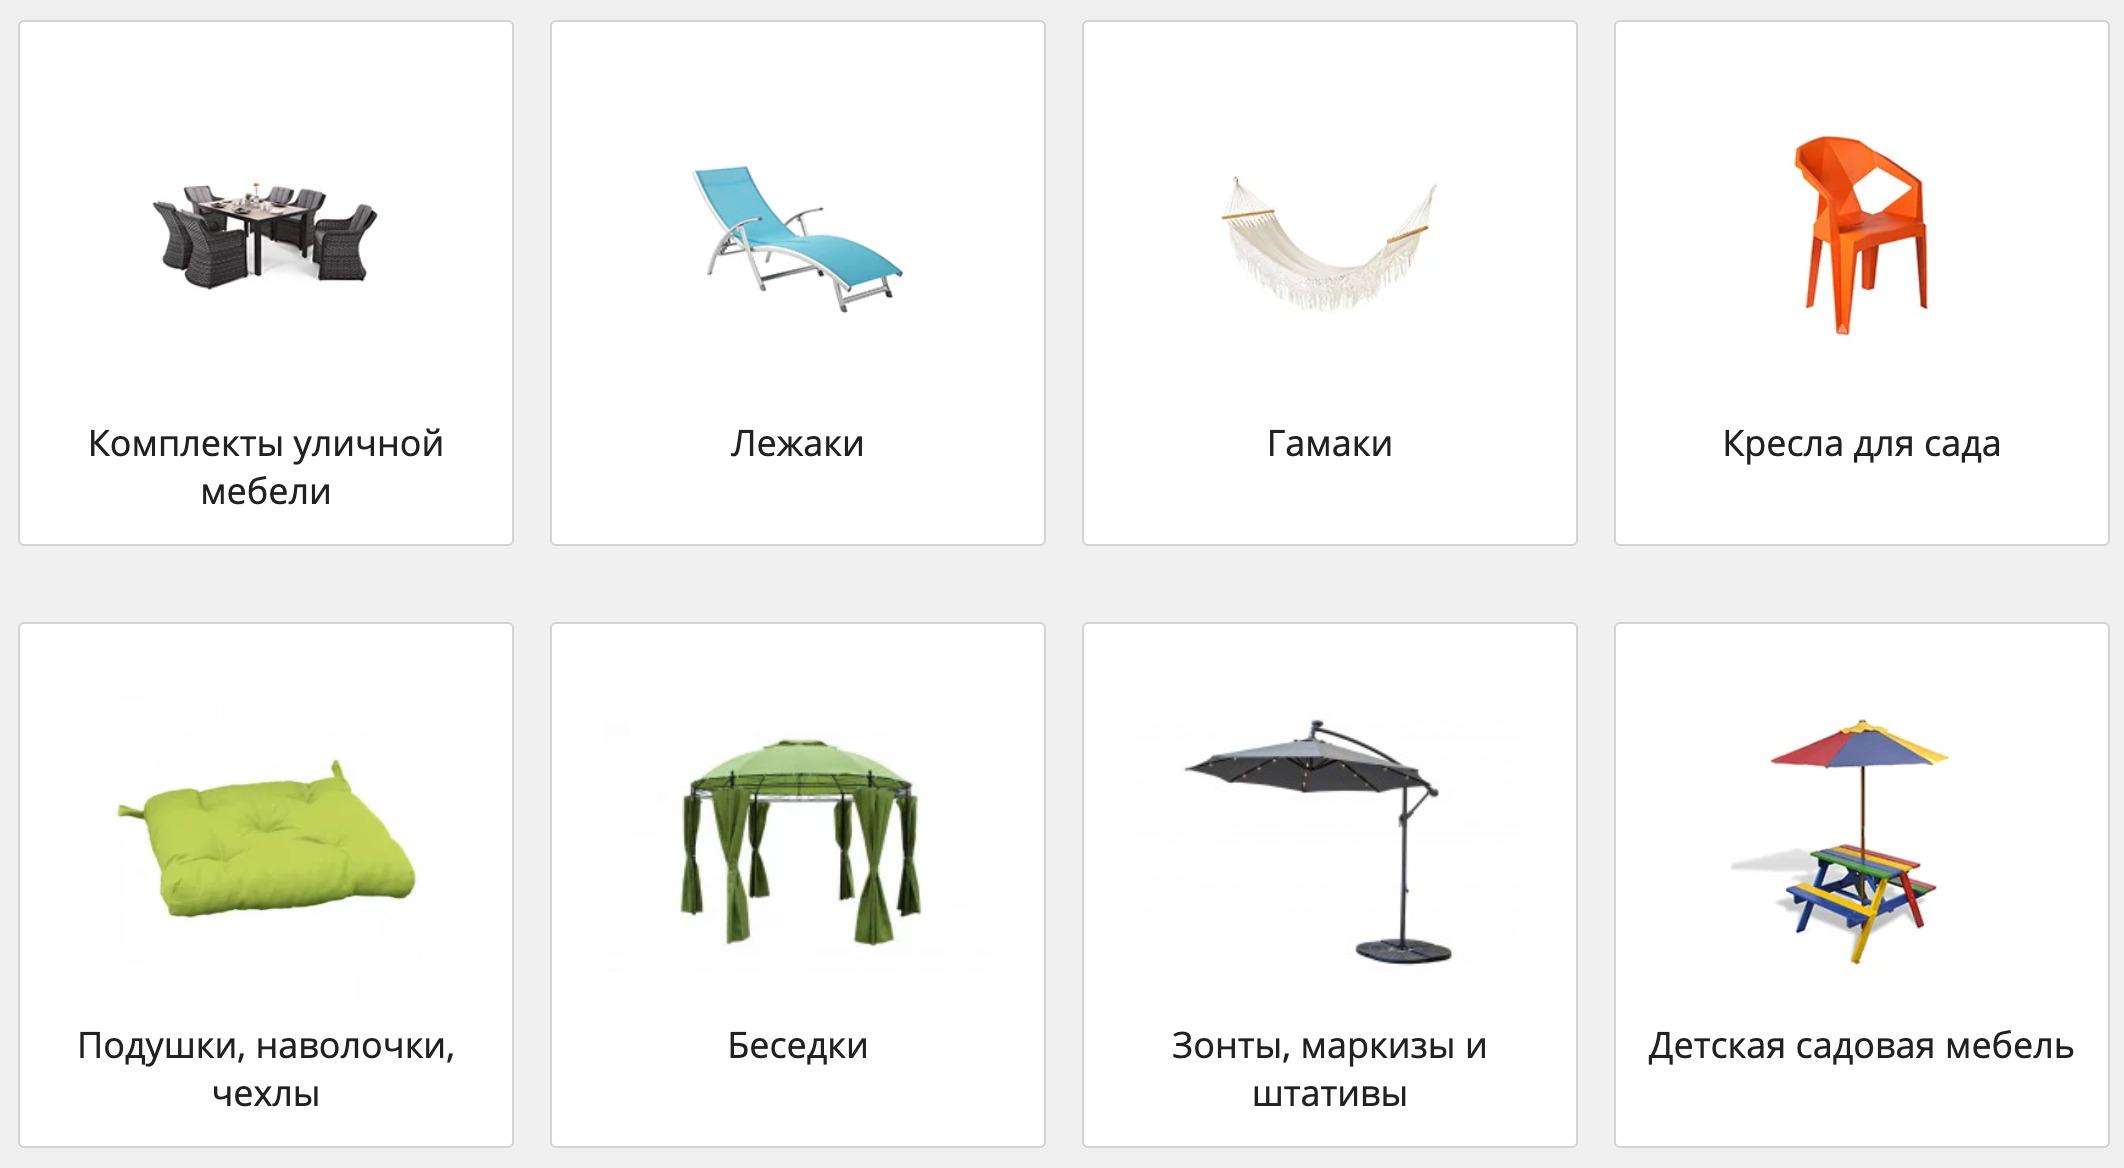 Ассортимент мебели для сада